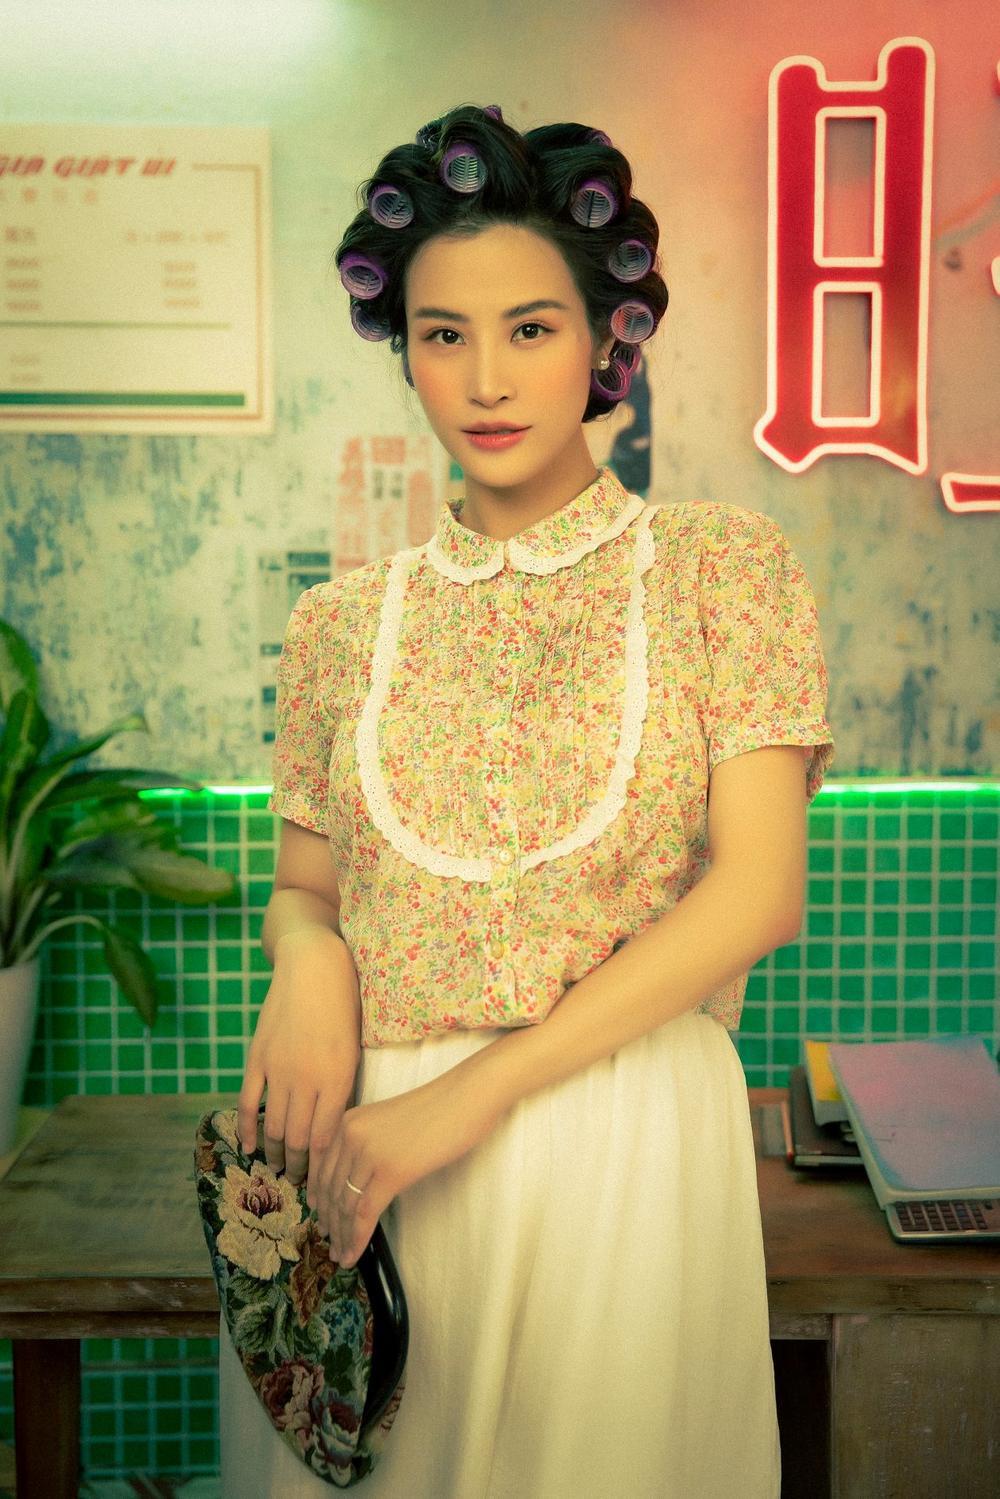 Đông Nhi làm cameo cho MV mới của Ngô Kiến Huy dù đang mang thai 7 tháng Ảnh 5